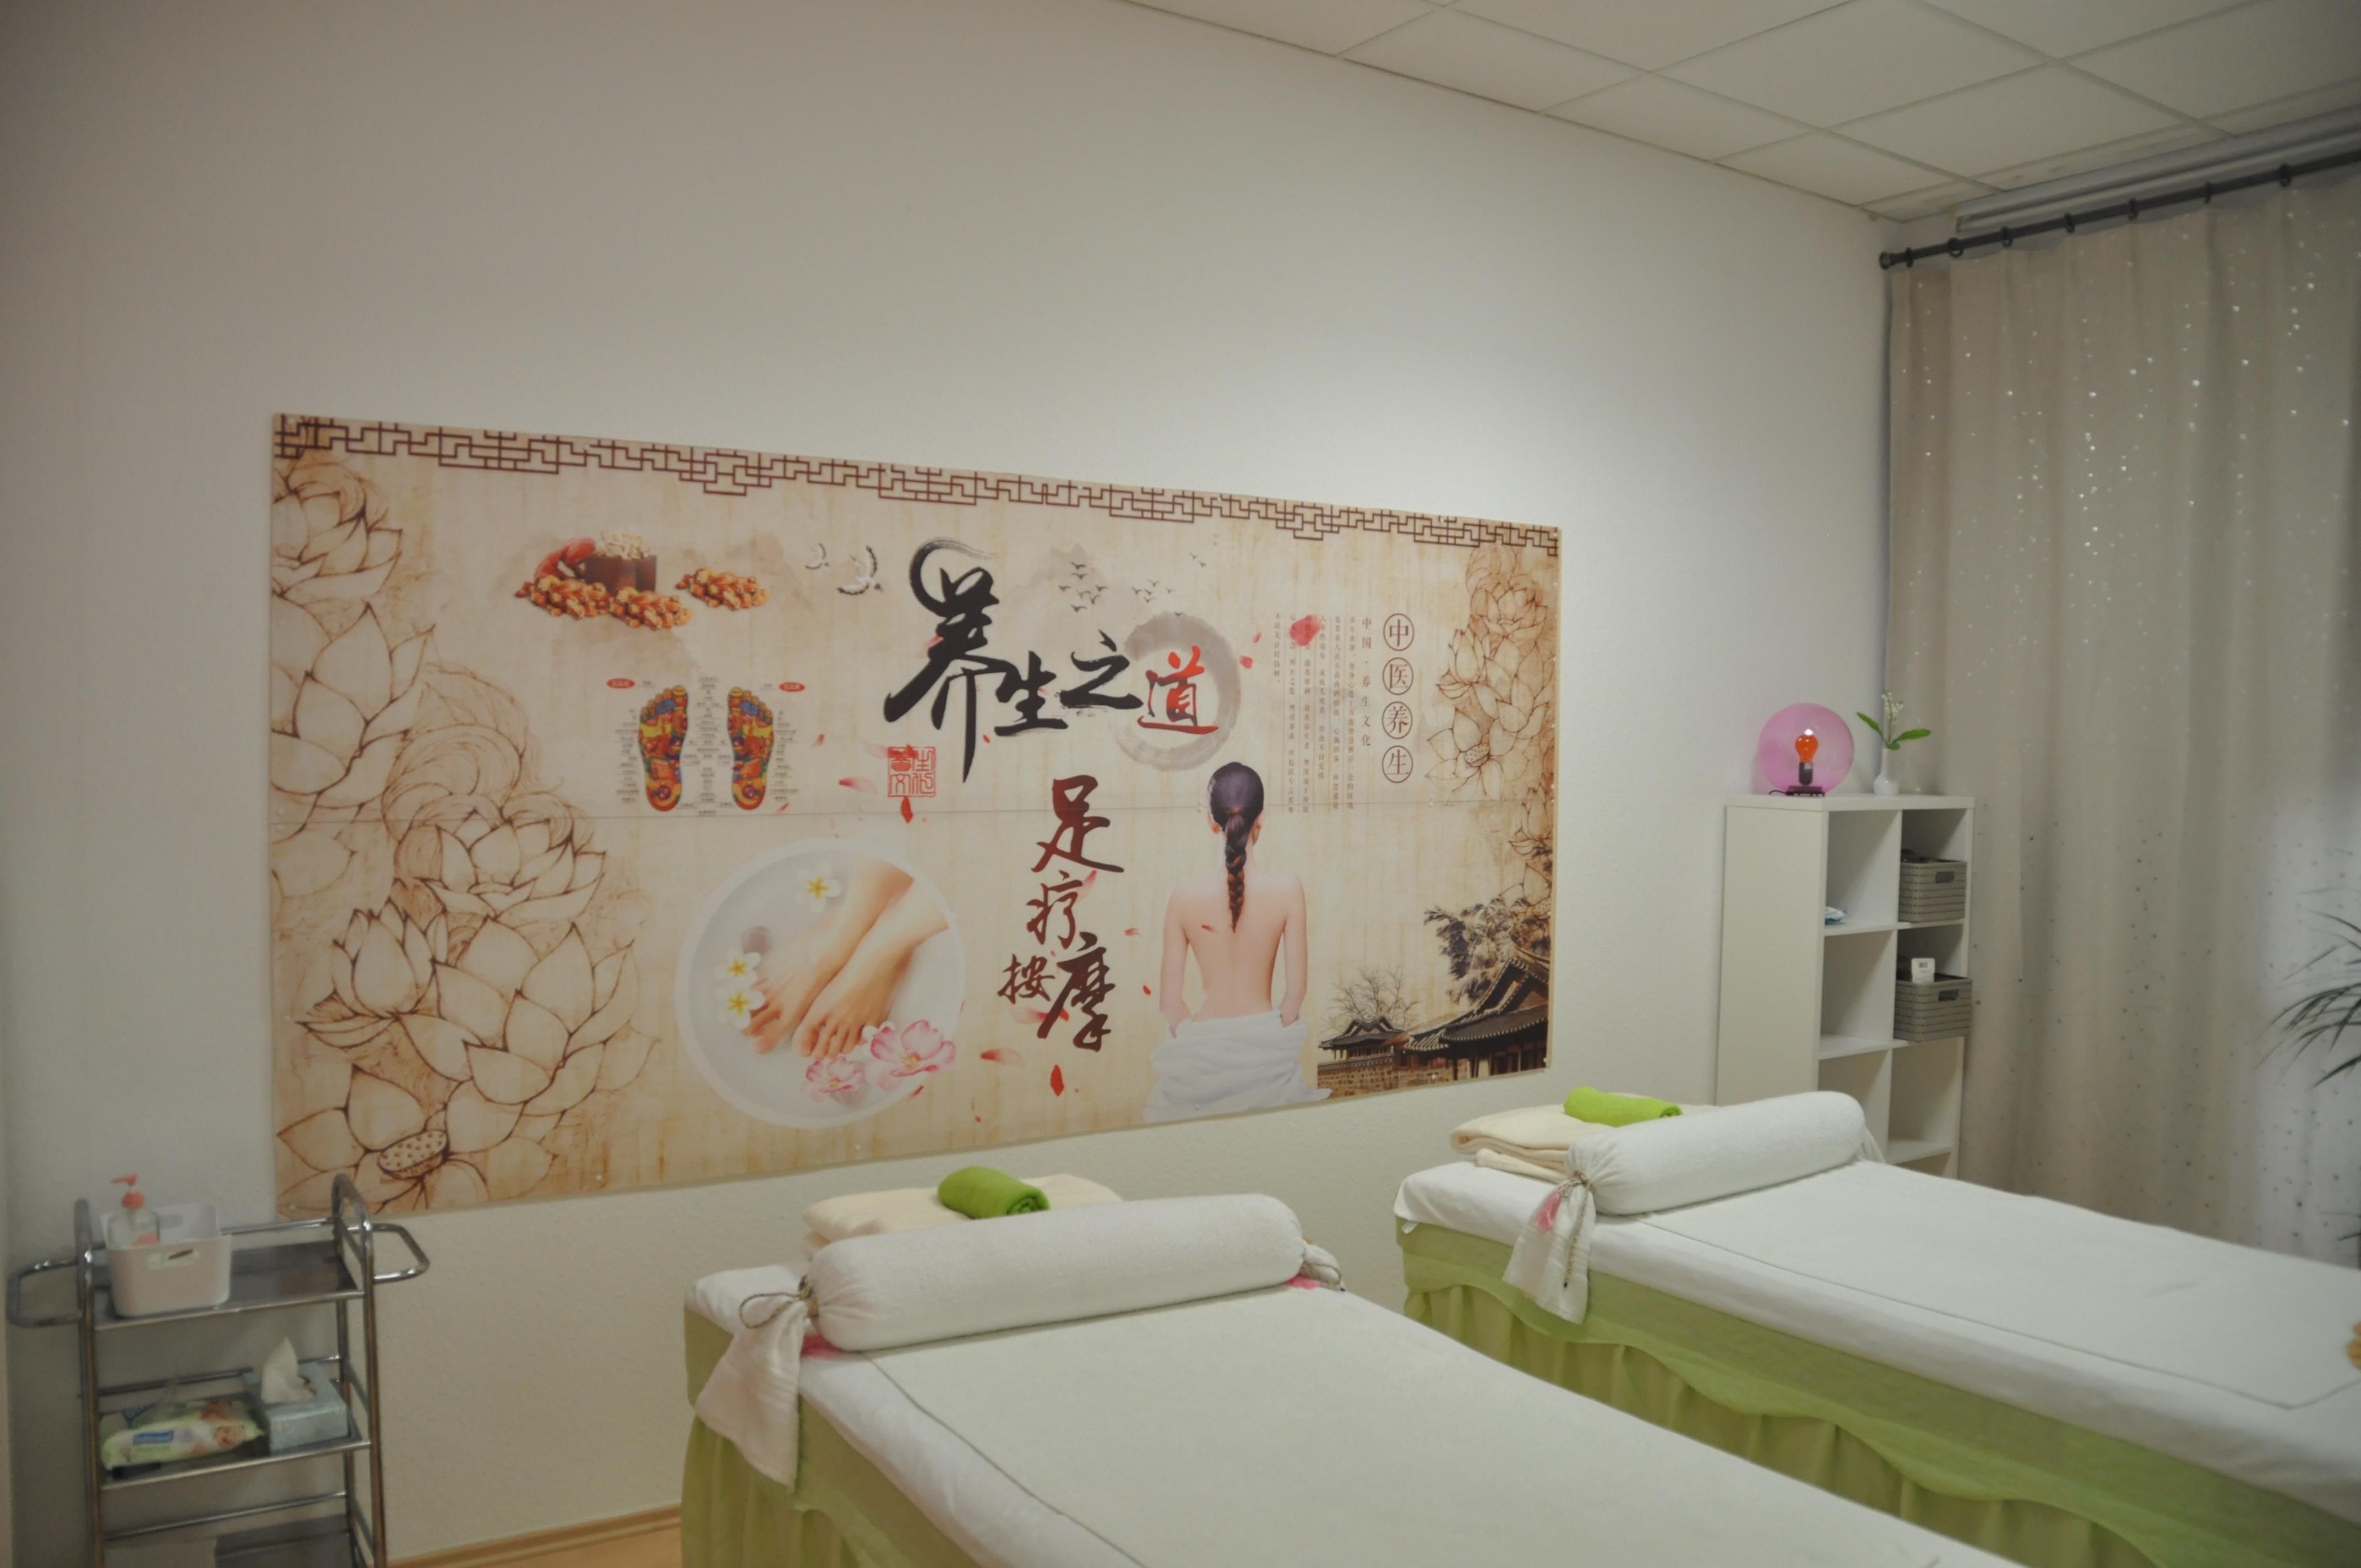 Chinesische Massage - Asia Massage Studio Yu Ting